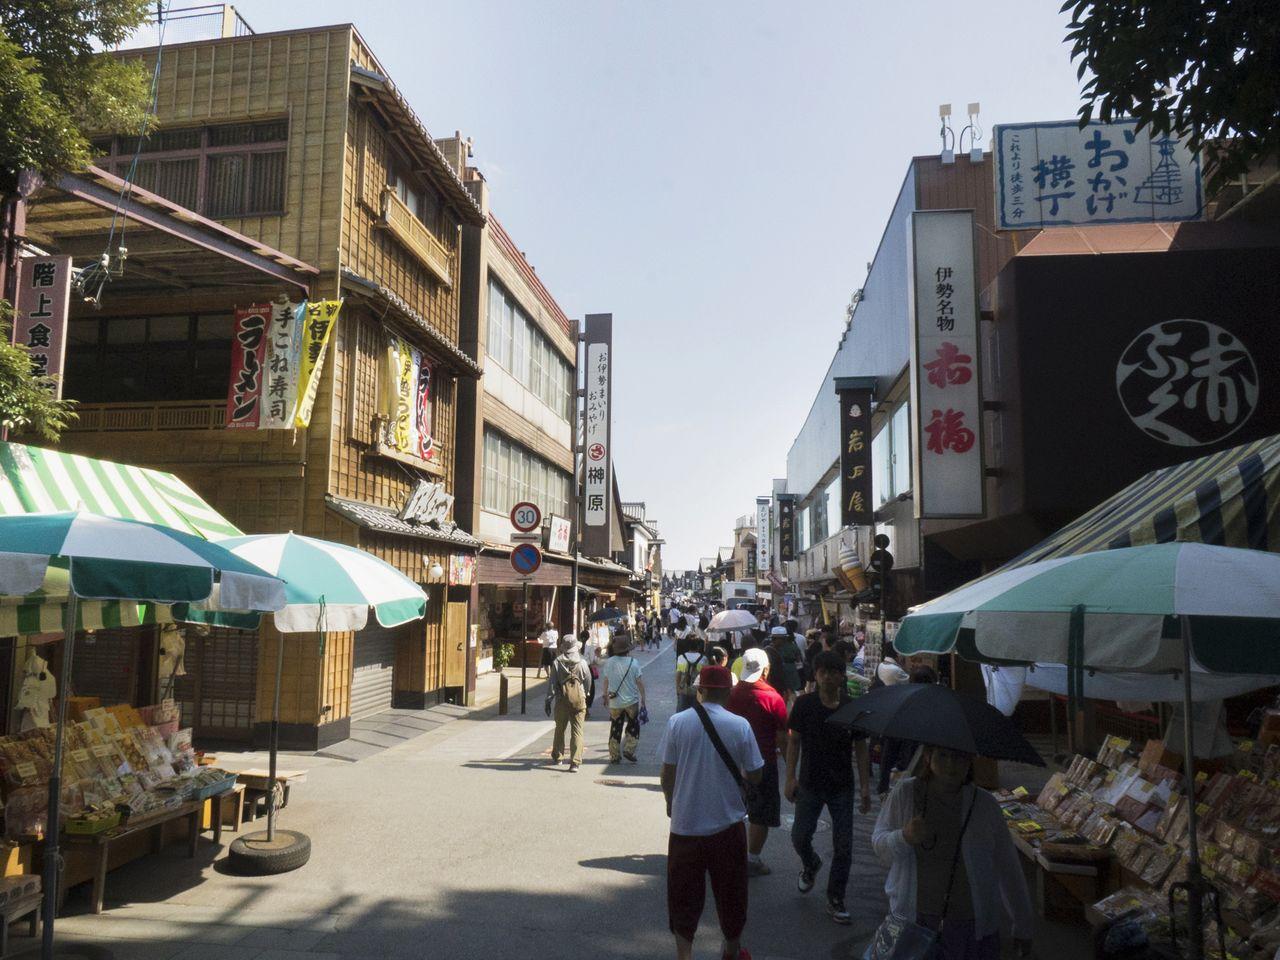 Проход из Найку (Внутреннего святилища) в Охараимати. Сверху справа расположен знак, указывающий, что Окагэ-ёкотё находится в трех минутах ходьбы от этого места